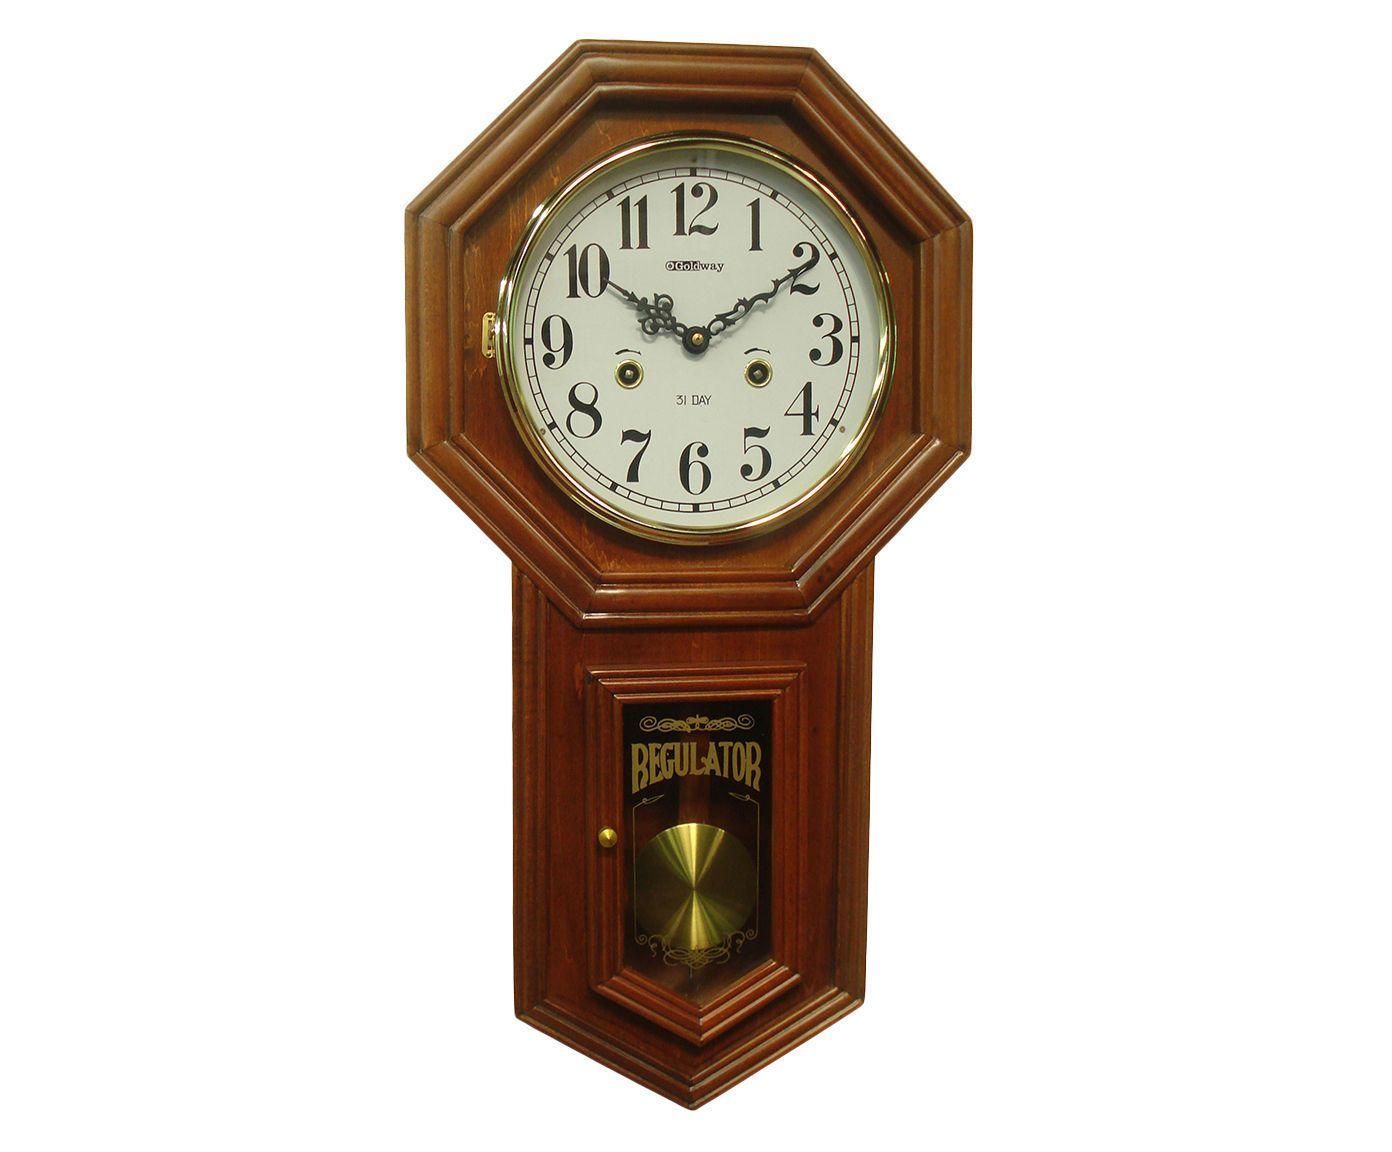 Relógio de Parede Regulator Goldway   Westwing.com.br